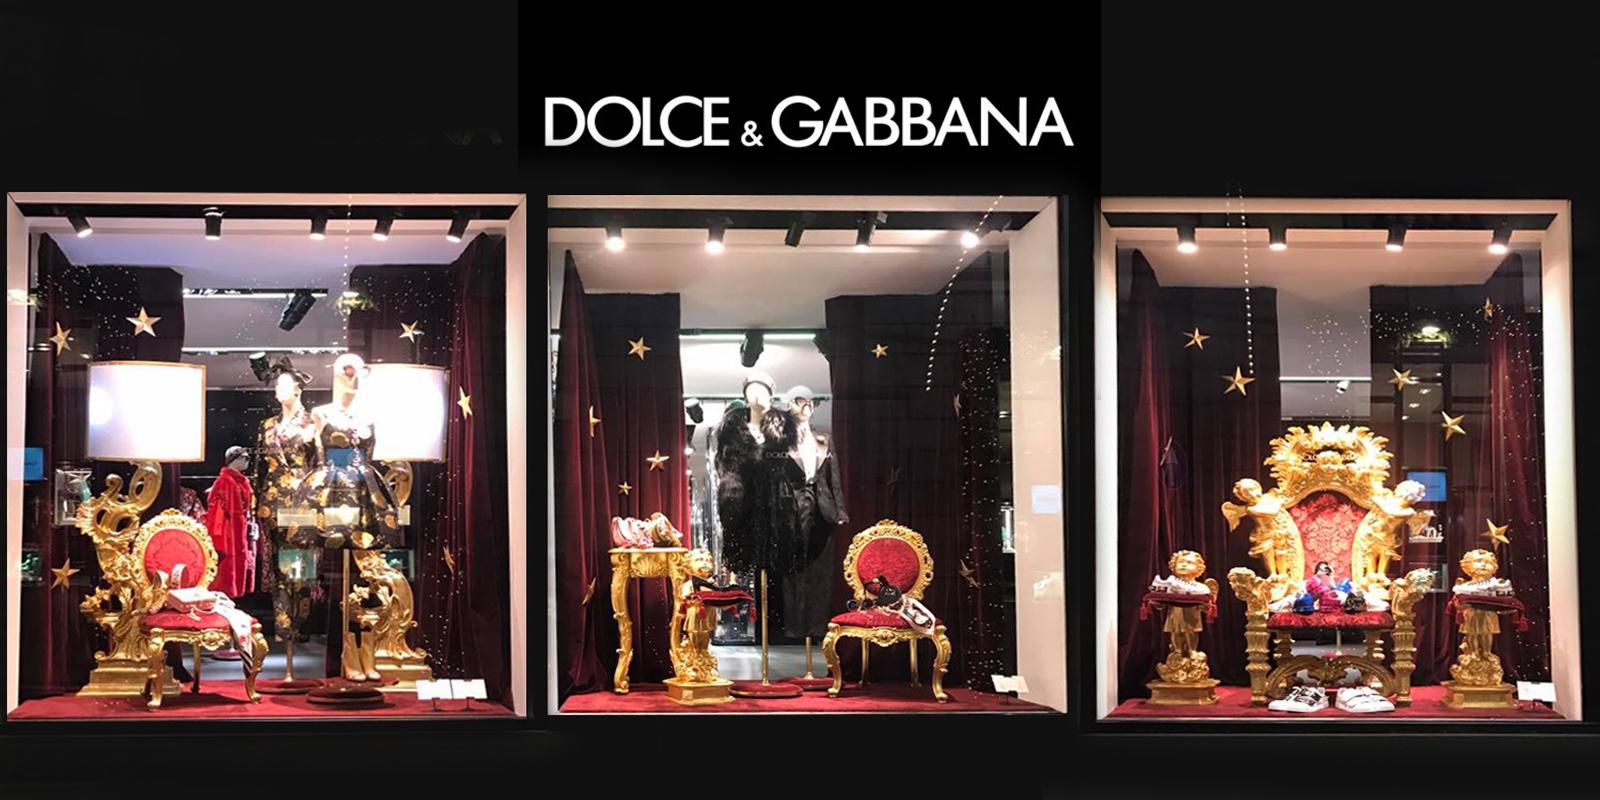 Dolce & Gabbana 2017